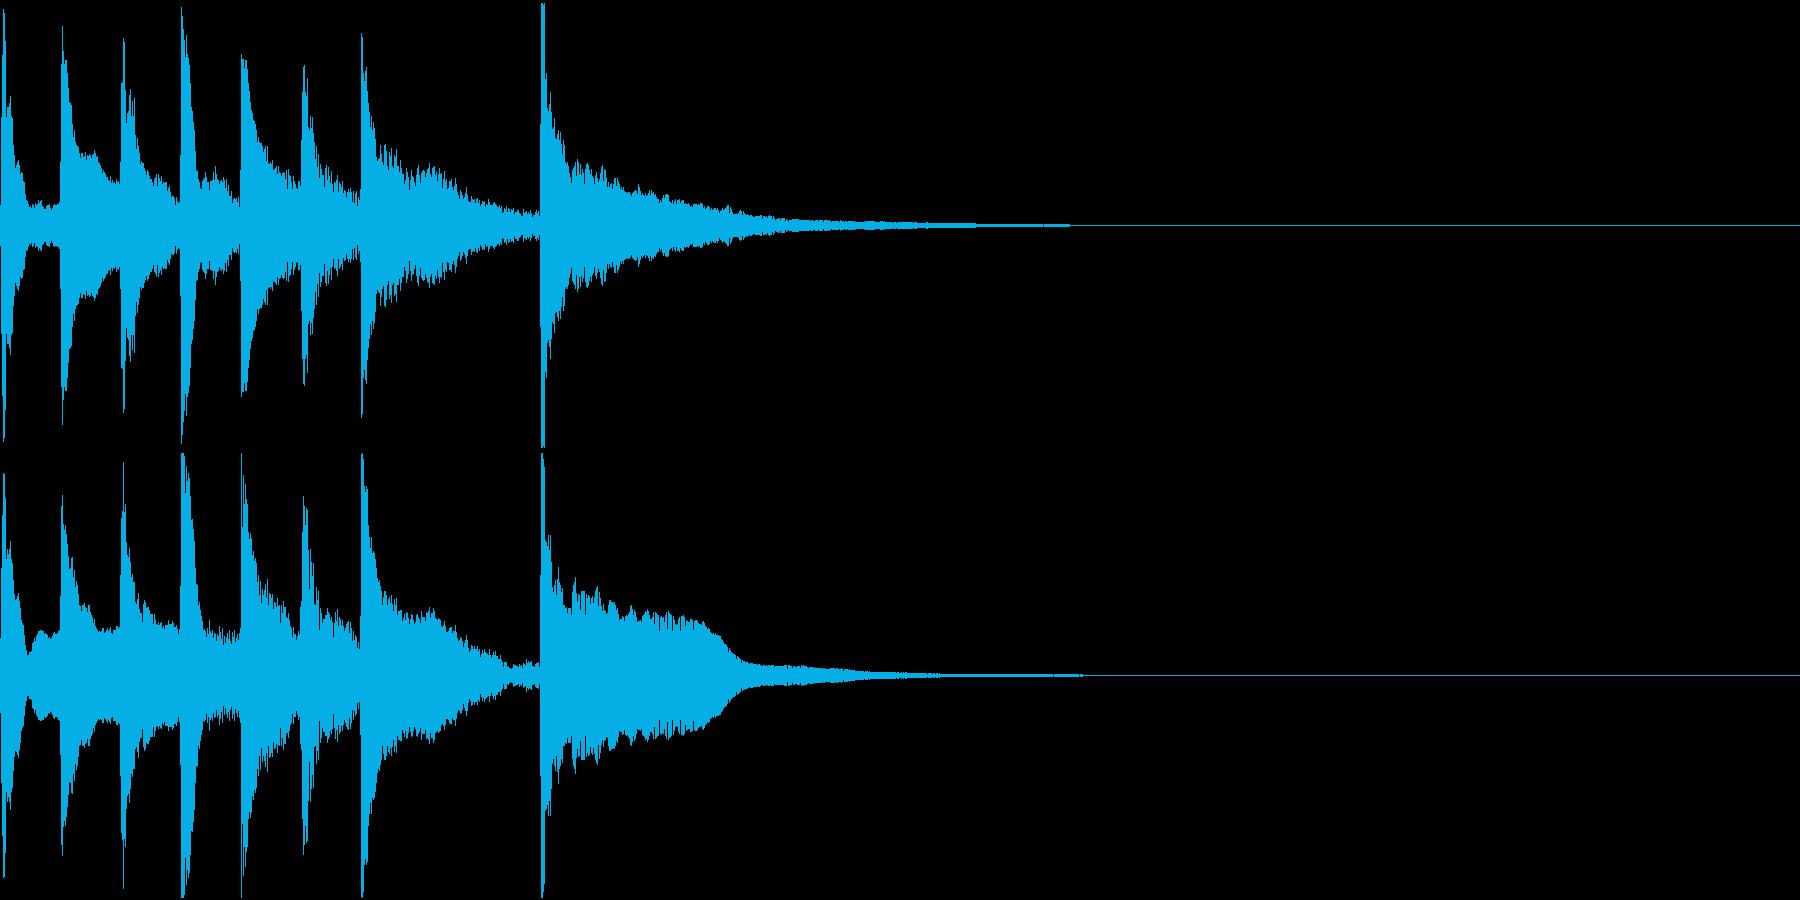 琴とビブラフォンを使った短いジングルの再生済みの波形